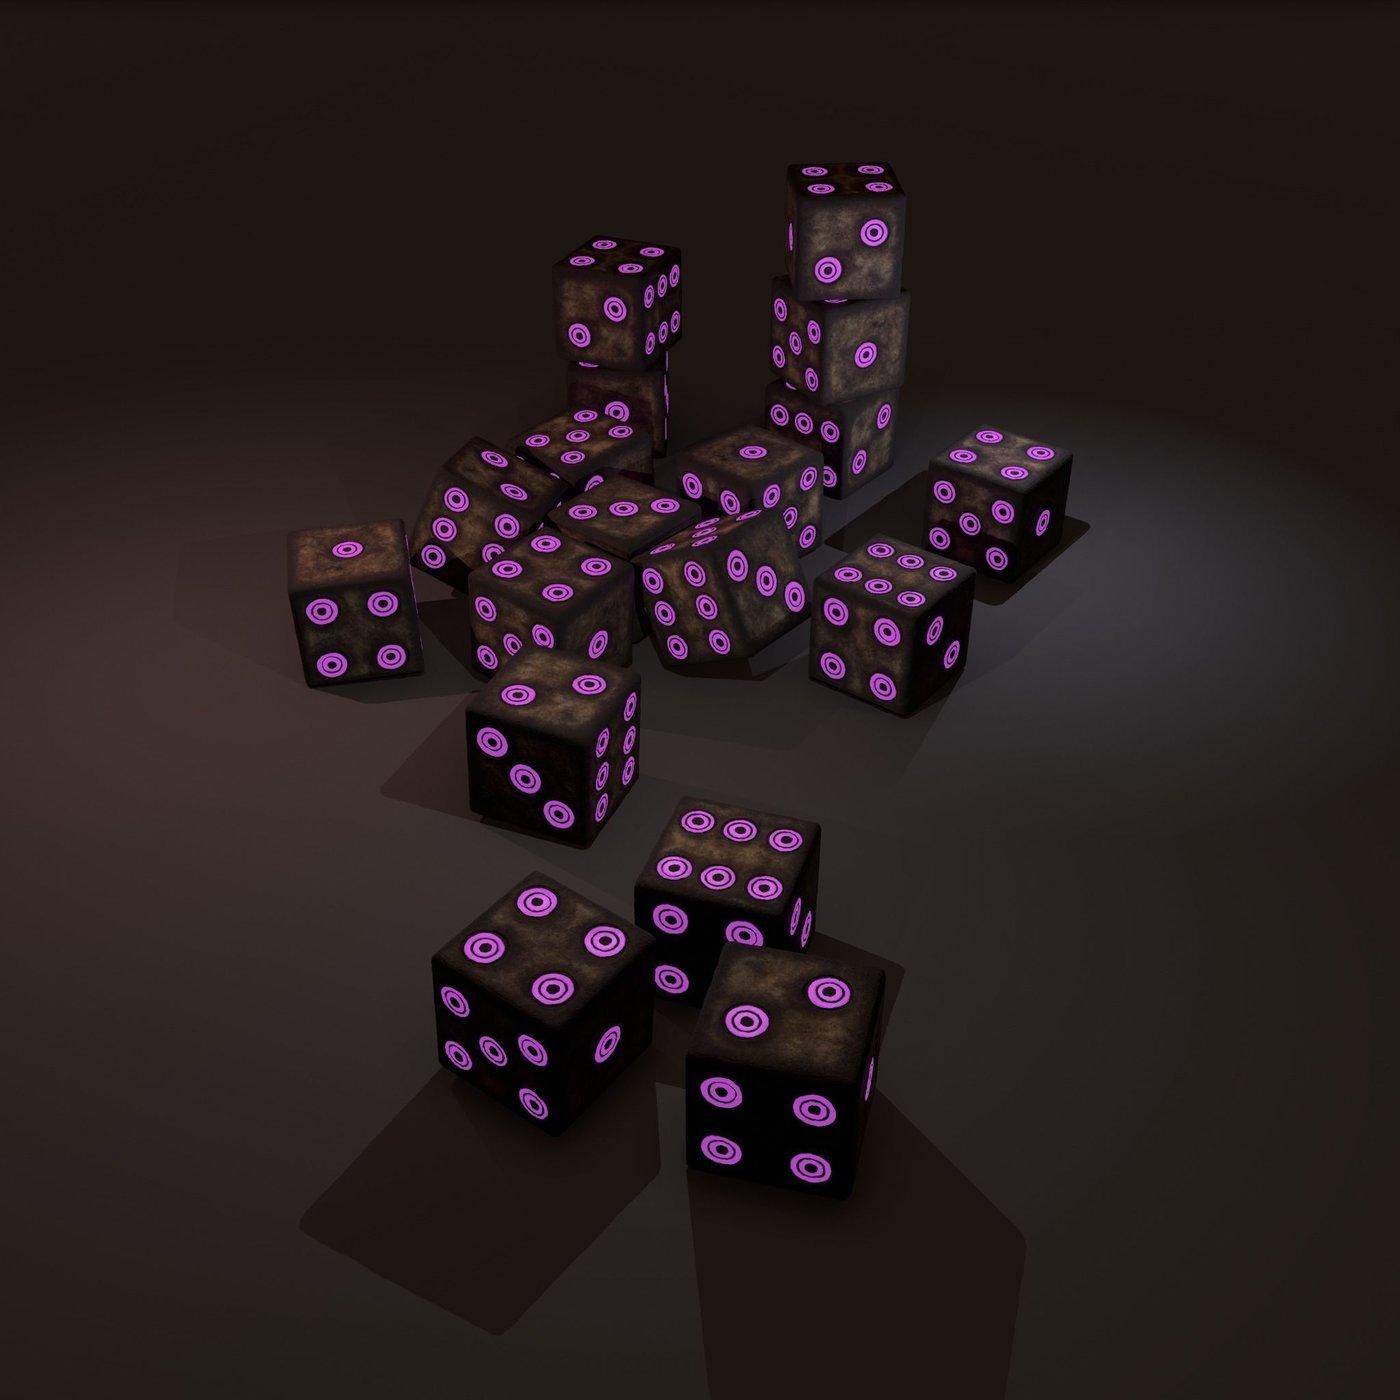 Dice purple